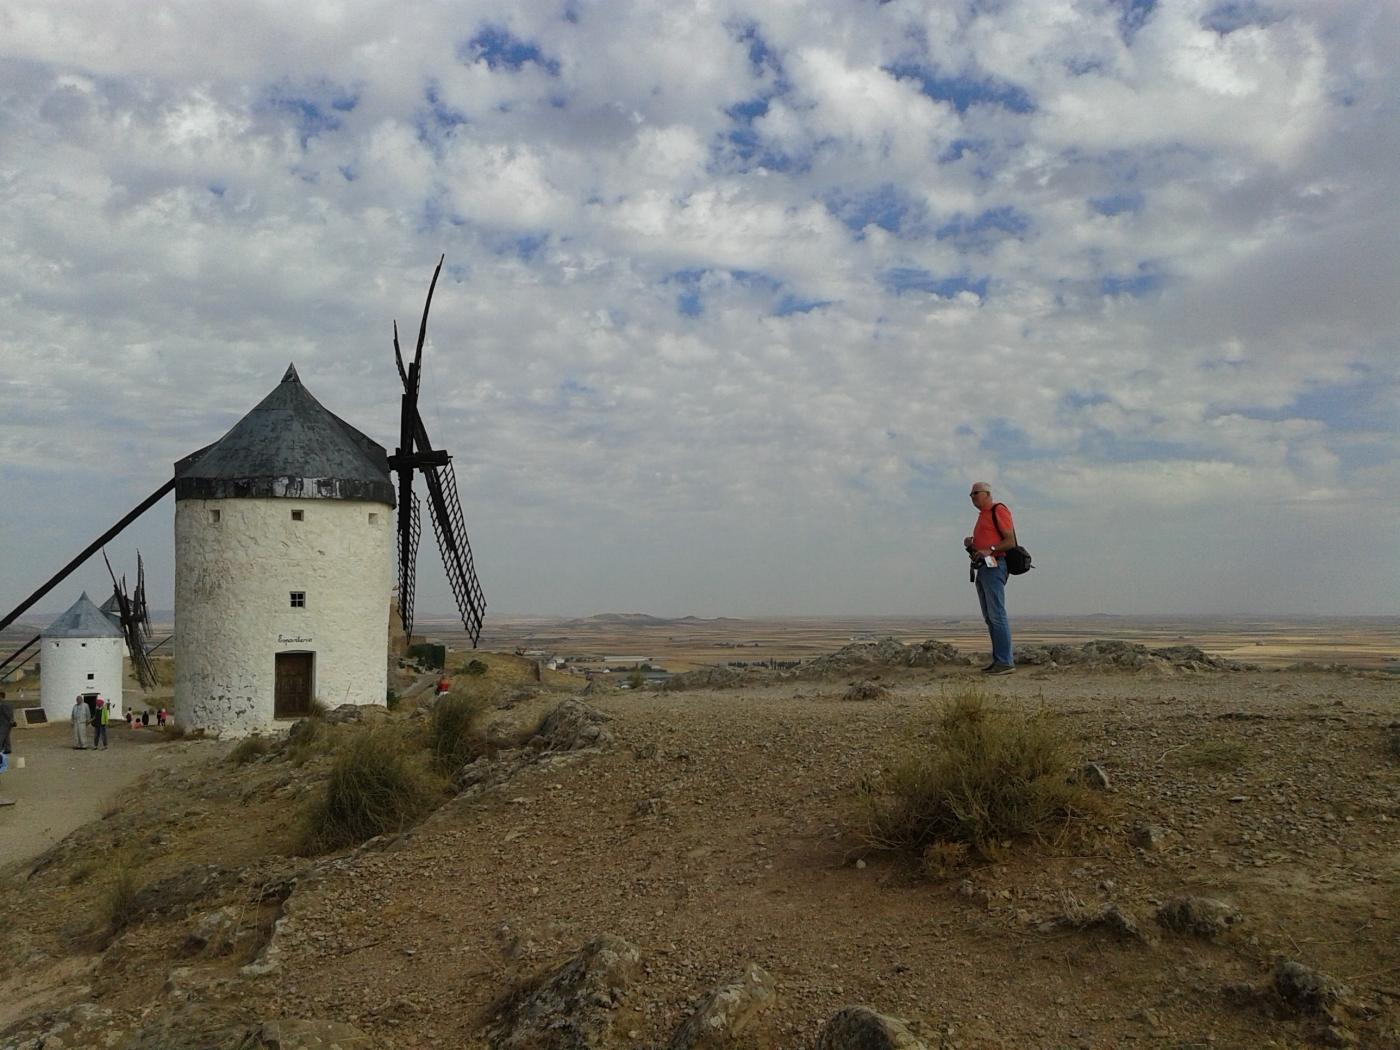 西班牙白色風車村_图1-6